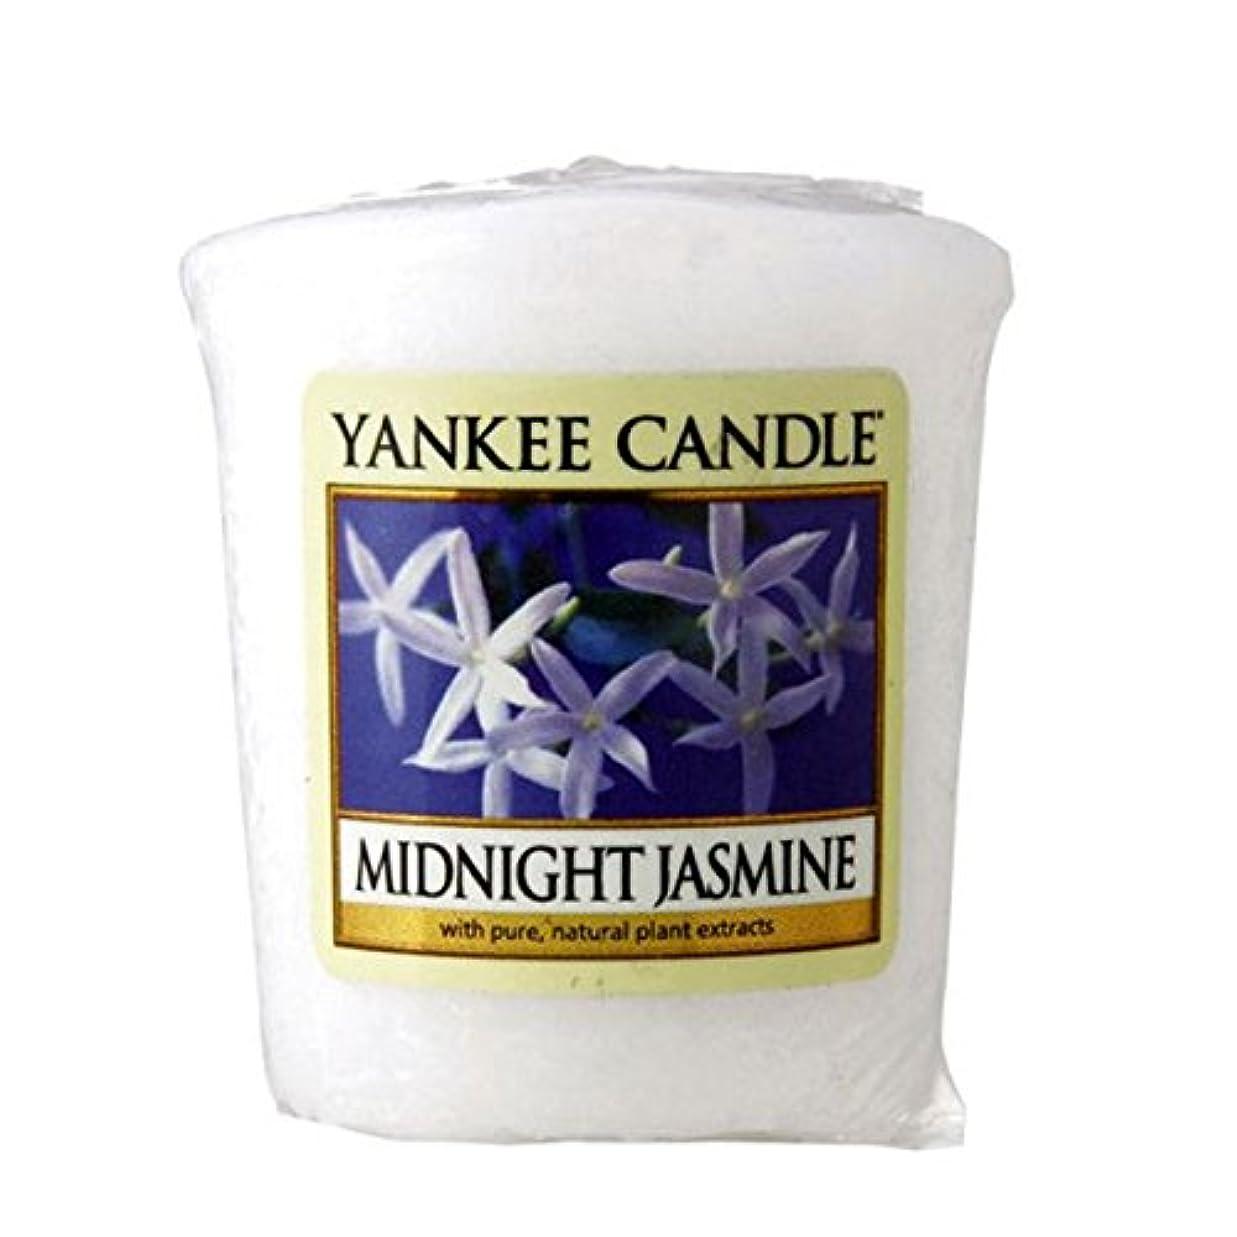 ますます主張するグレートオーク[ヤンキーキャンドル] YANKEE CANDLE 正規販売店 キャンドル YC?????? ????????????? (K0010569) (コード:4102254900-1)